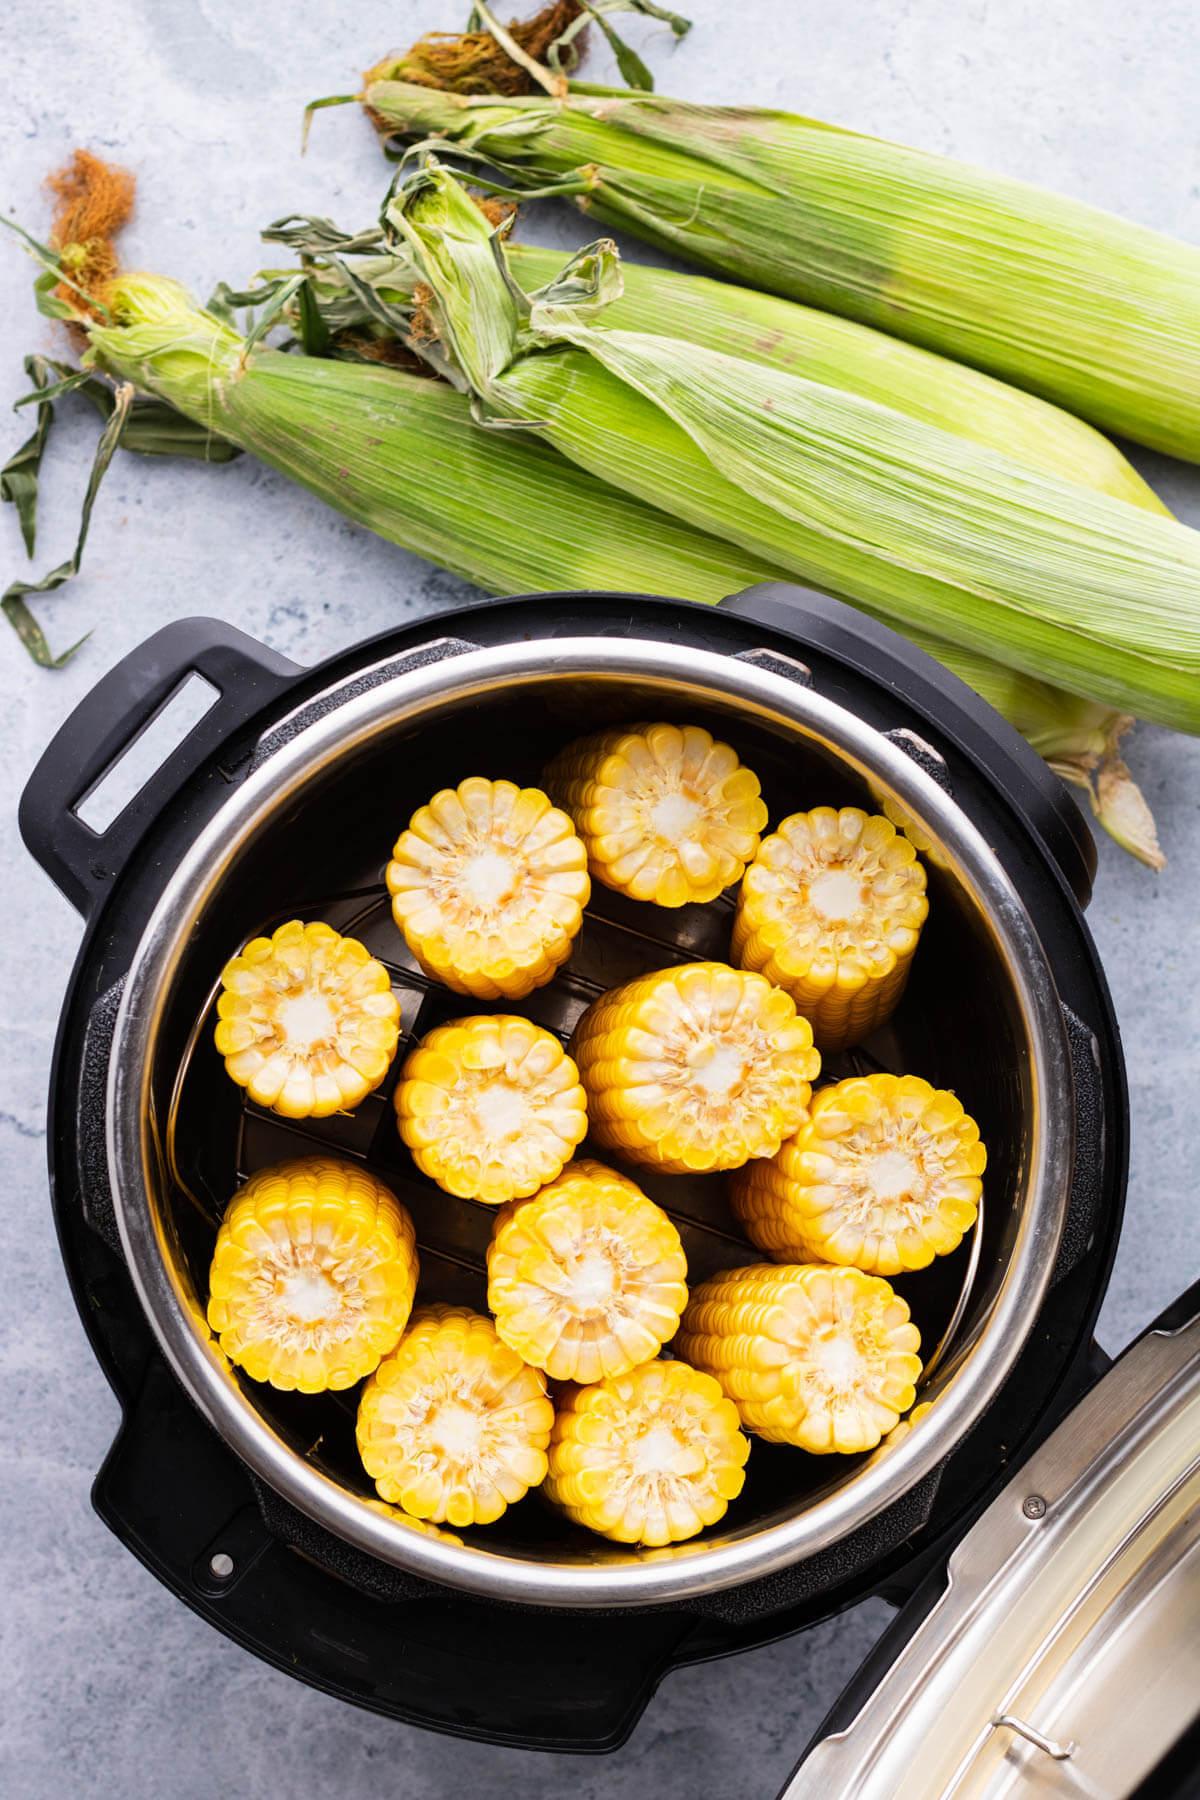 Raw corn arranged inside an Instant Pot.